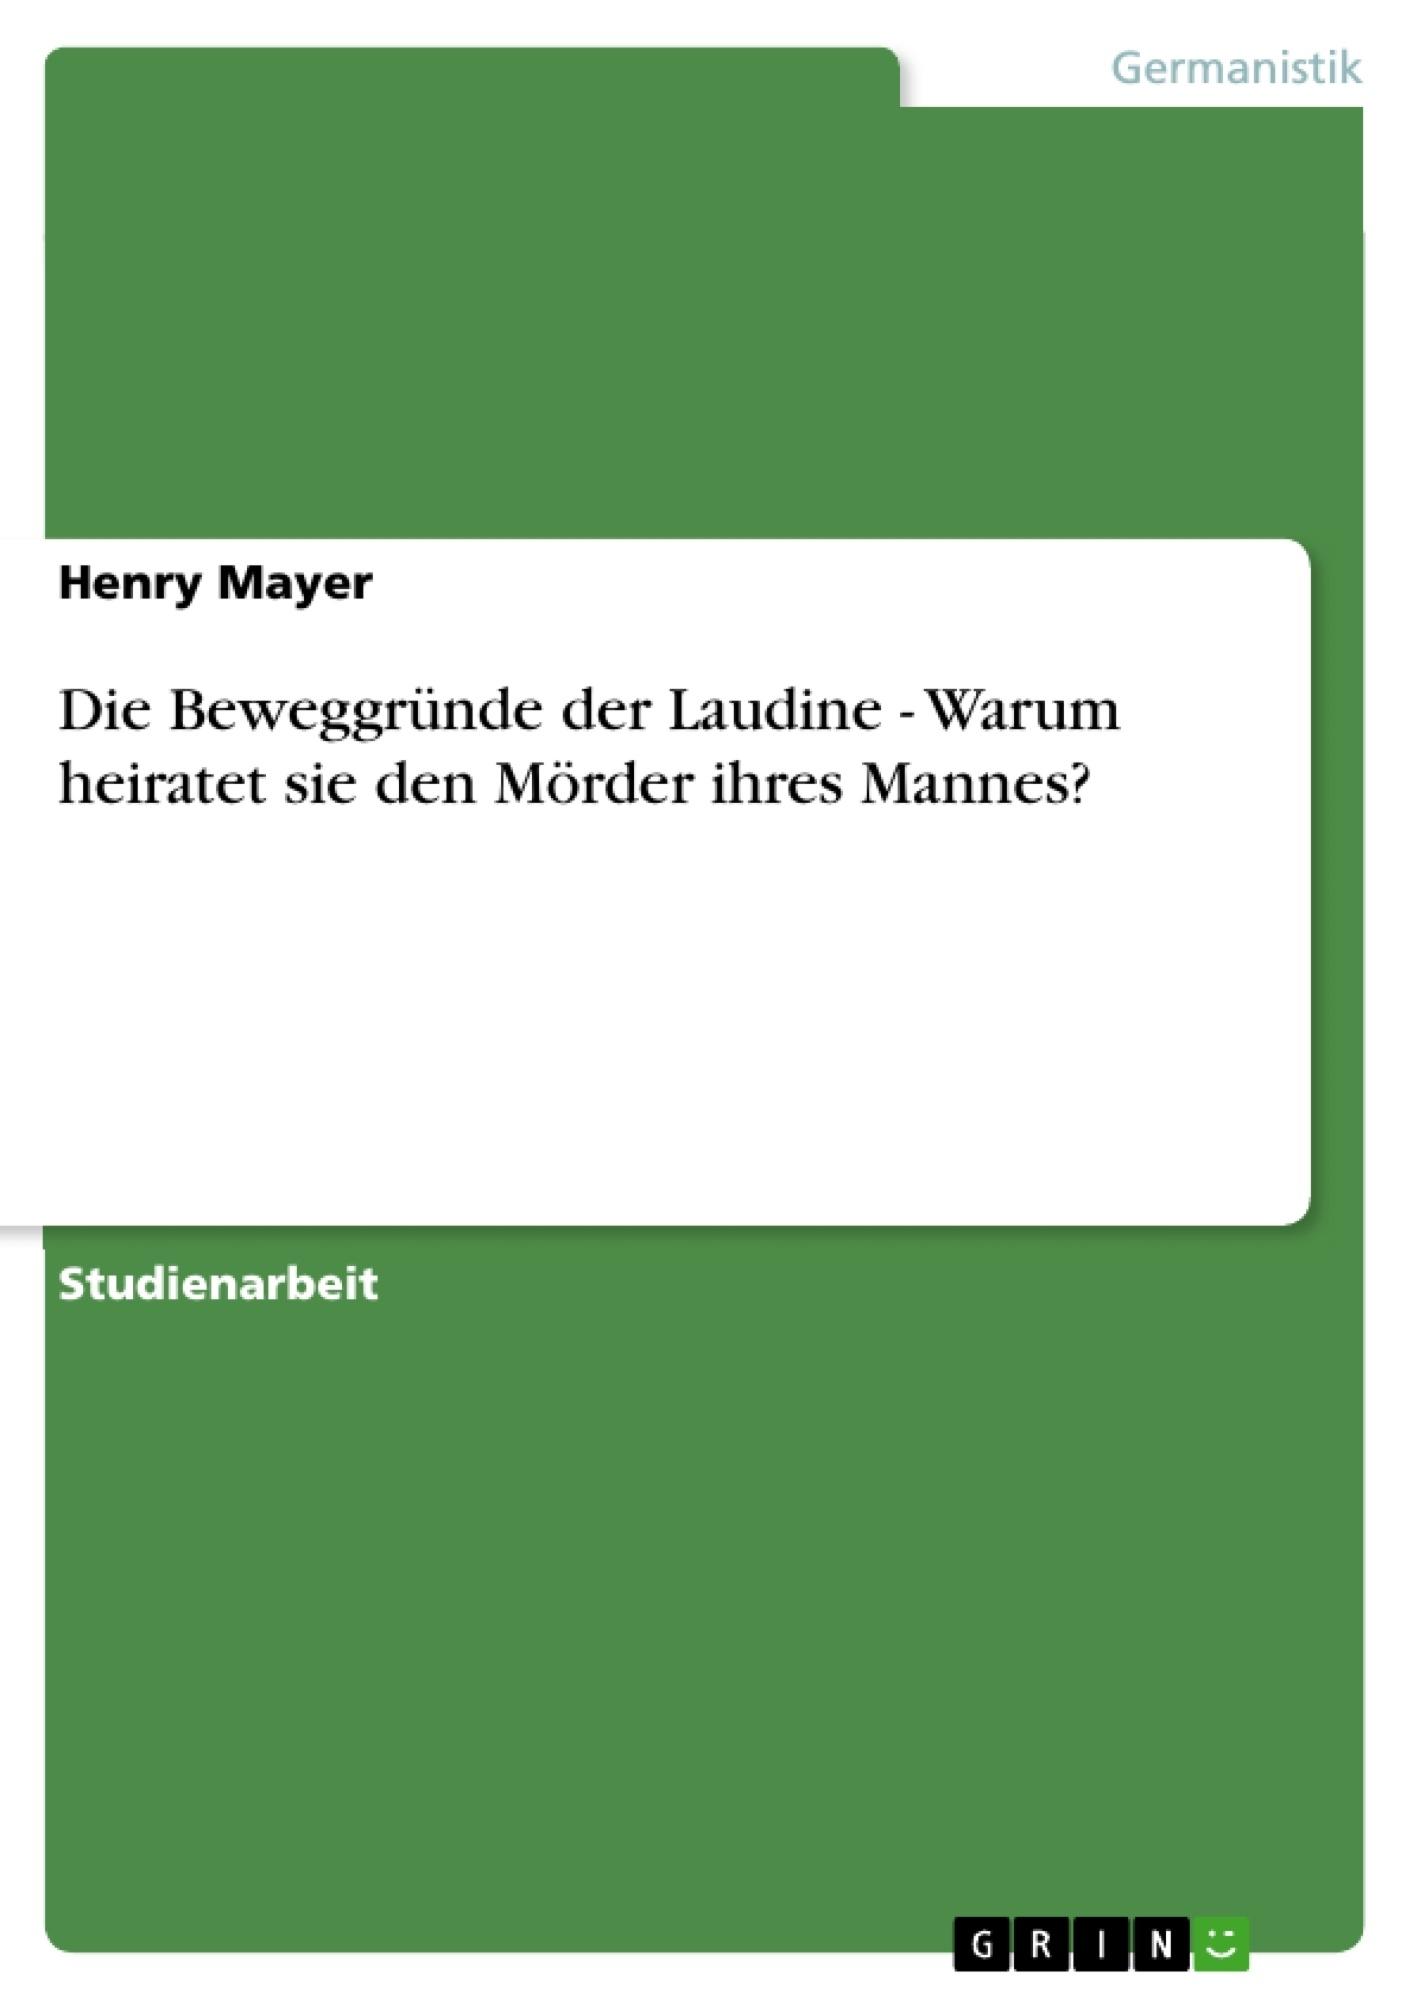 Titel: Die Beweggründe der Laudine - Warum heiratet sie den Mörder ihres Mannes?